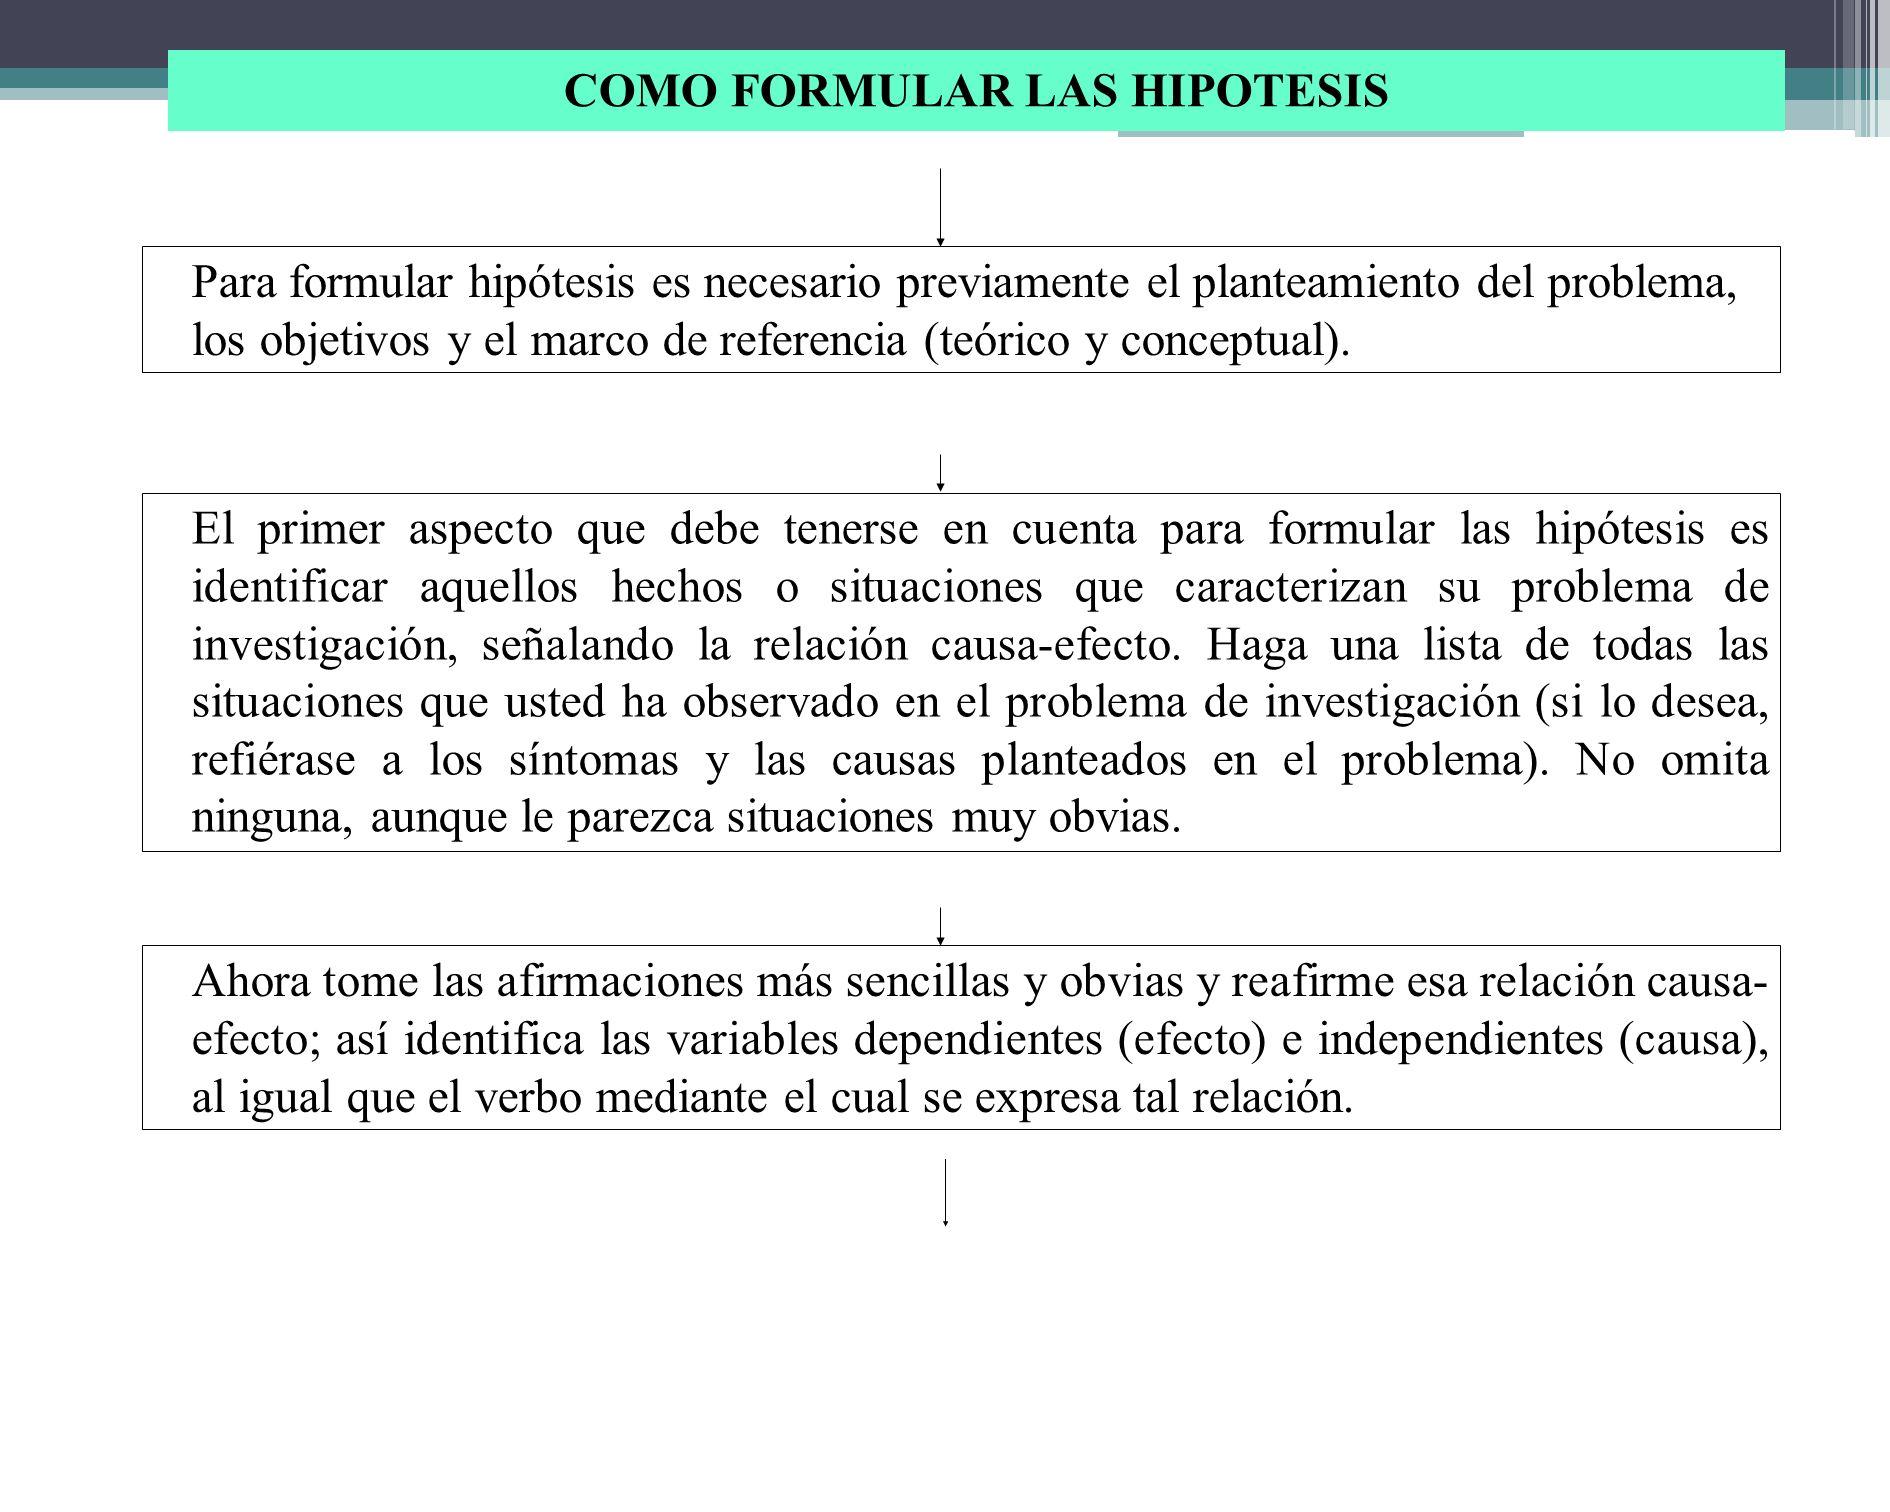 COMO FORMULAR LAS HIPOTESIS